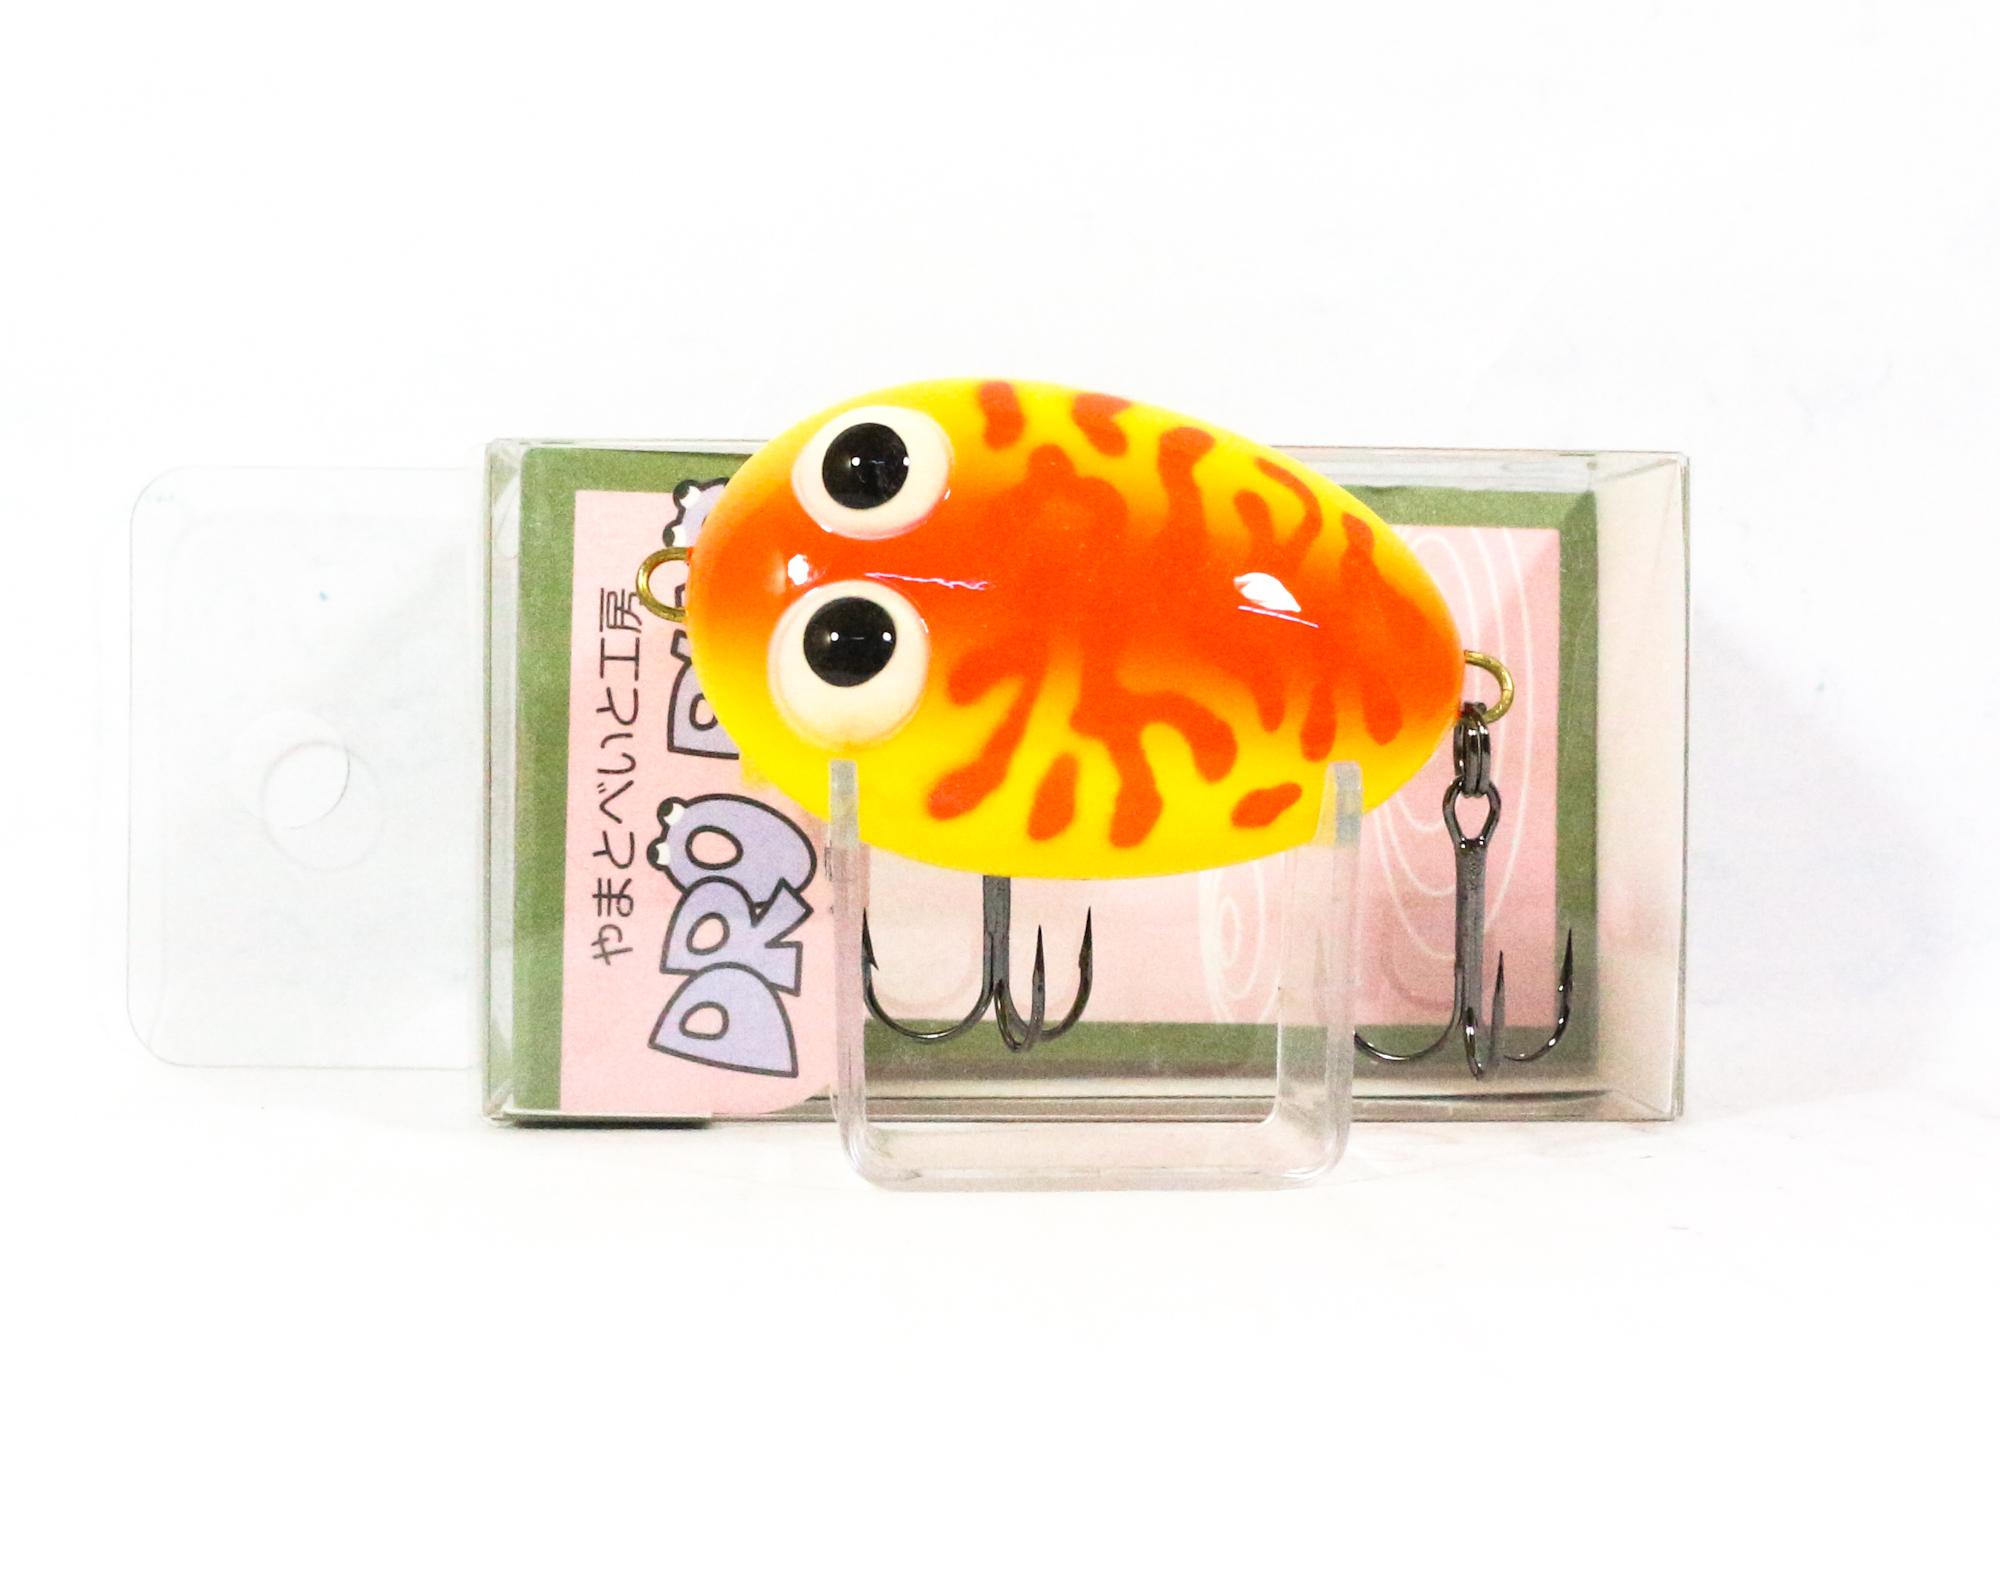 Sale Yamato Bait Dro Bug Floating Lure 004 (3025)